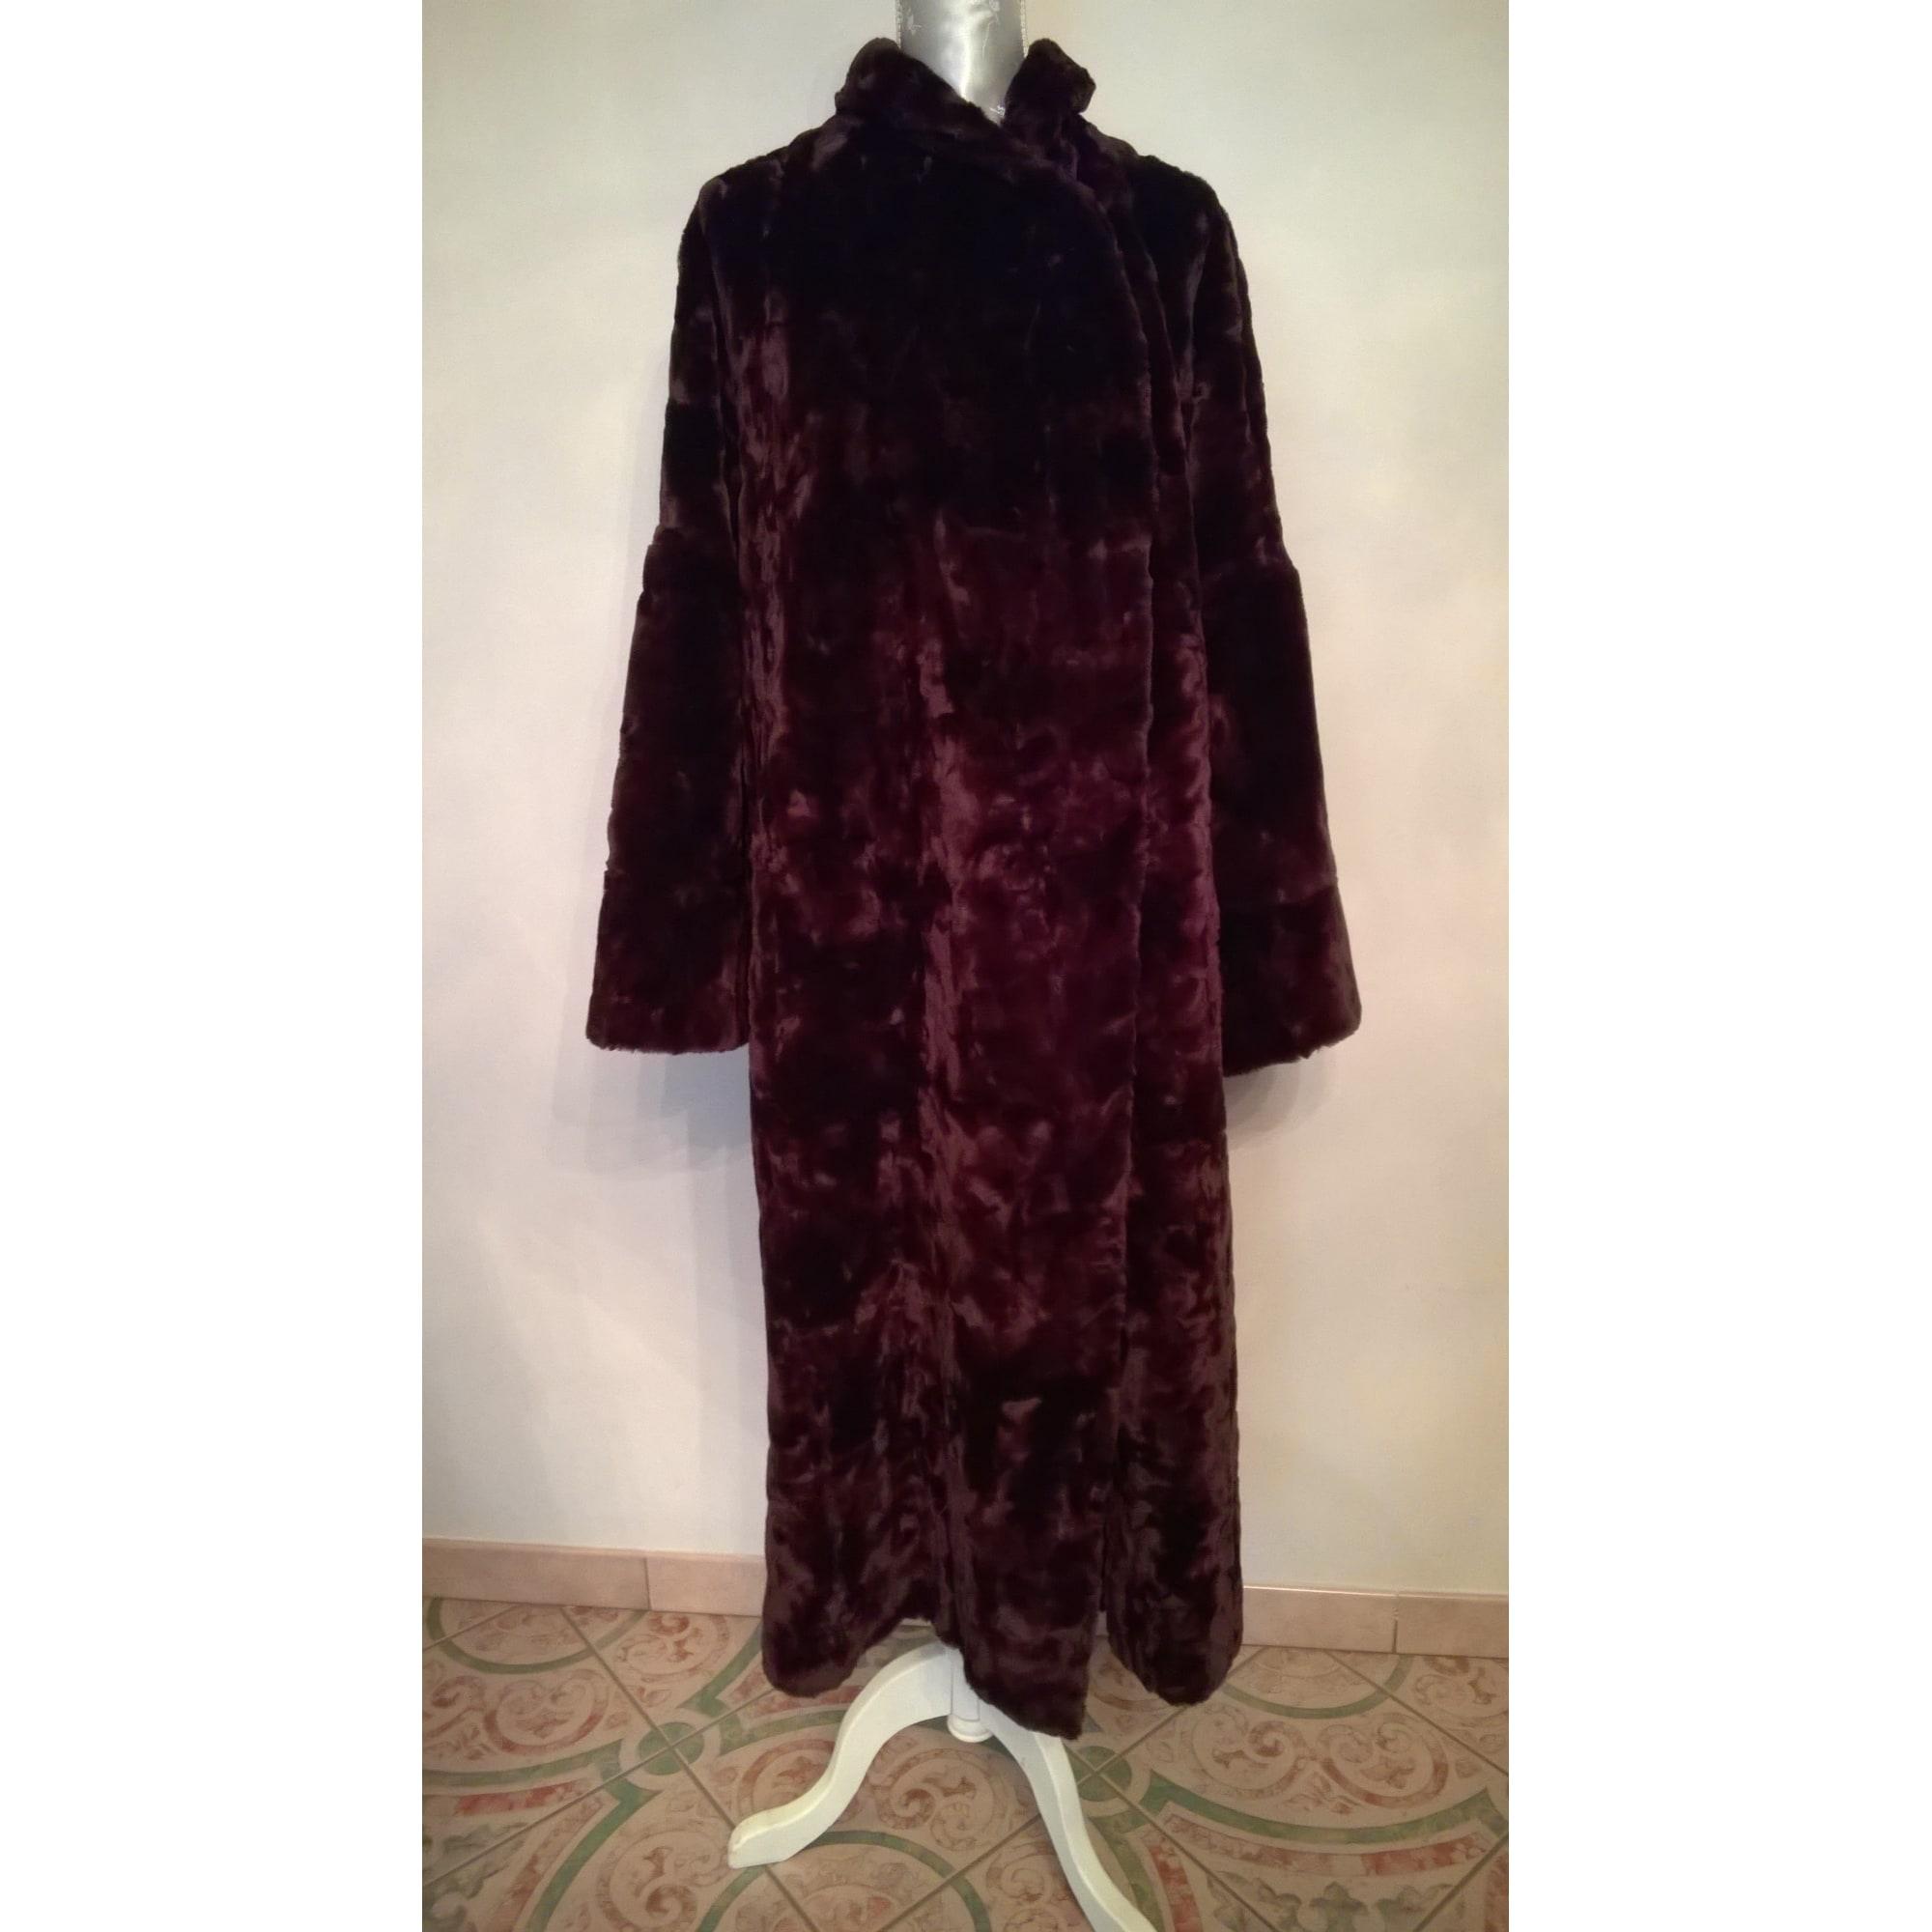 Manteau en fourrure NICOLE CADINE Rouge, bordeaux